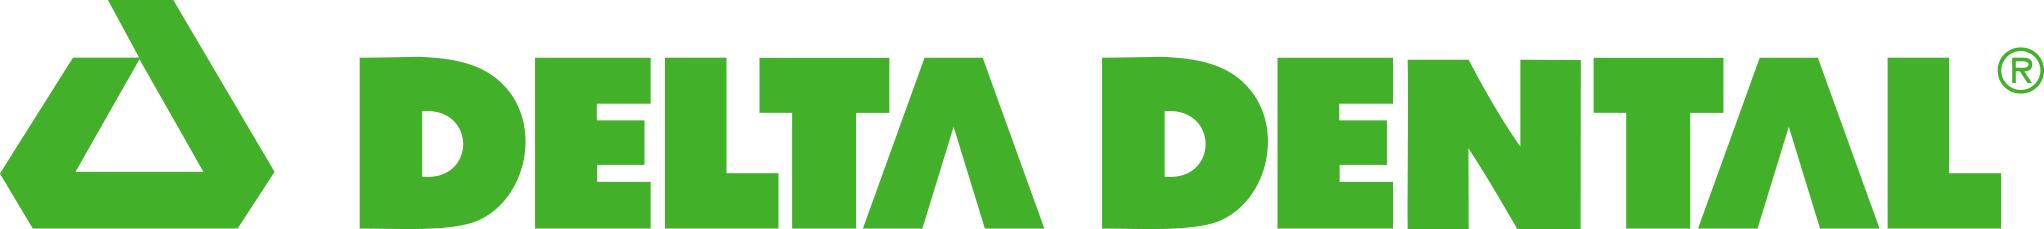 Delta Dental logo.